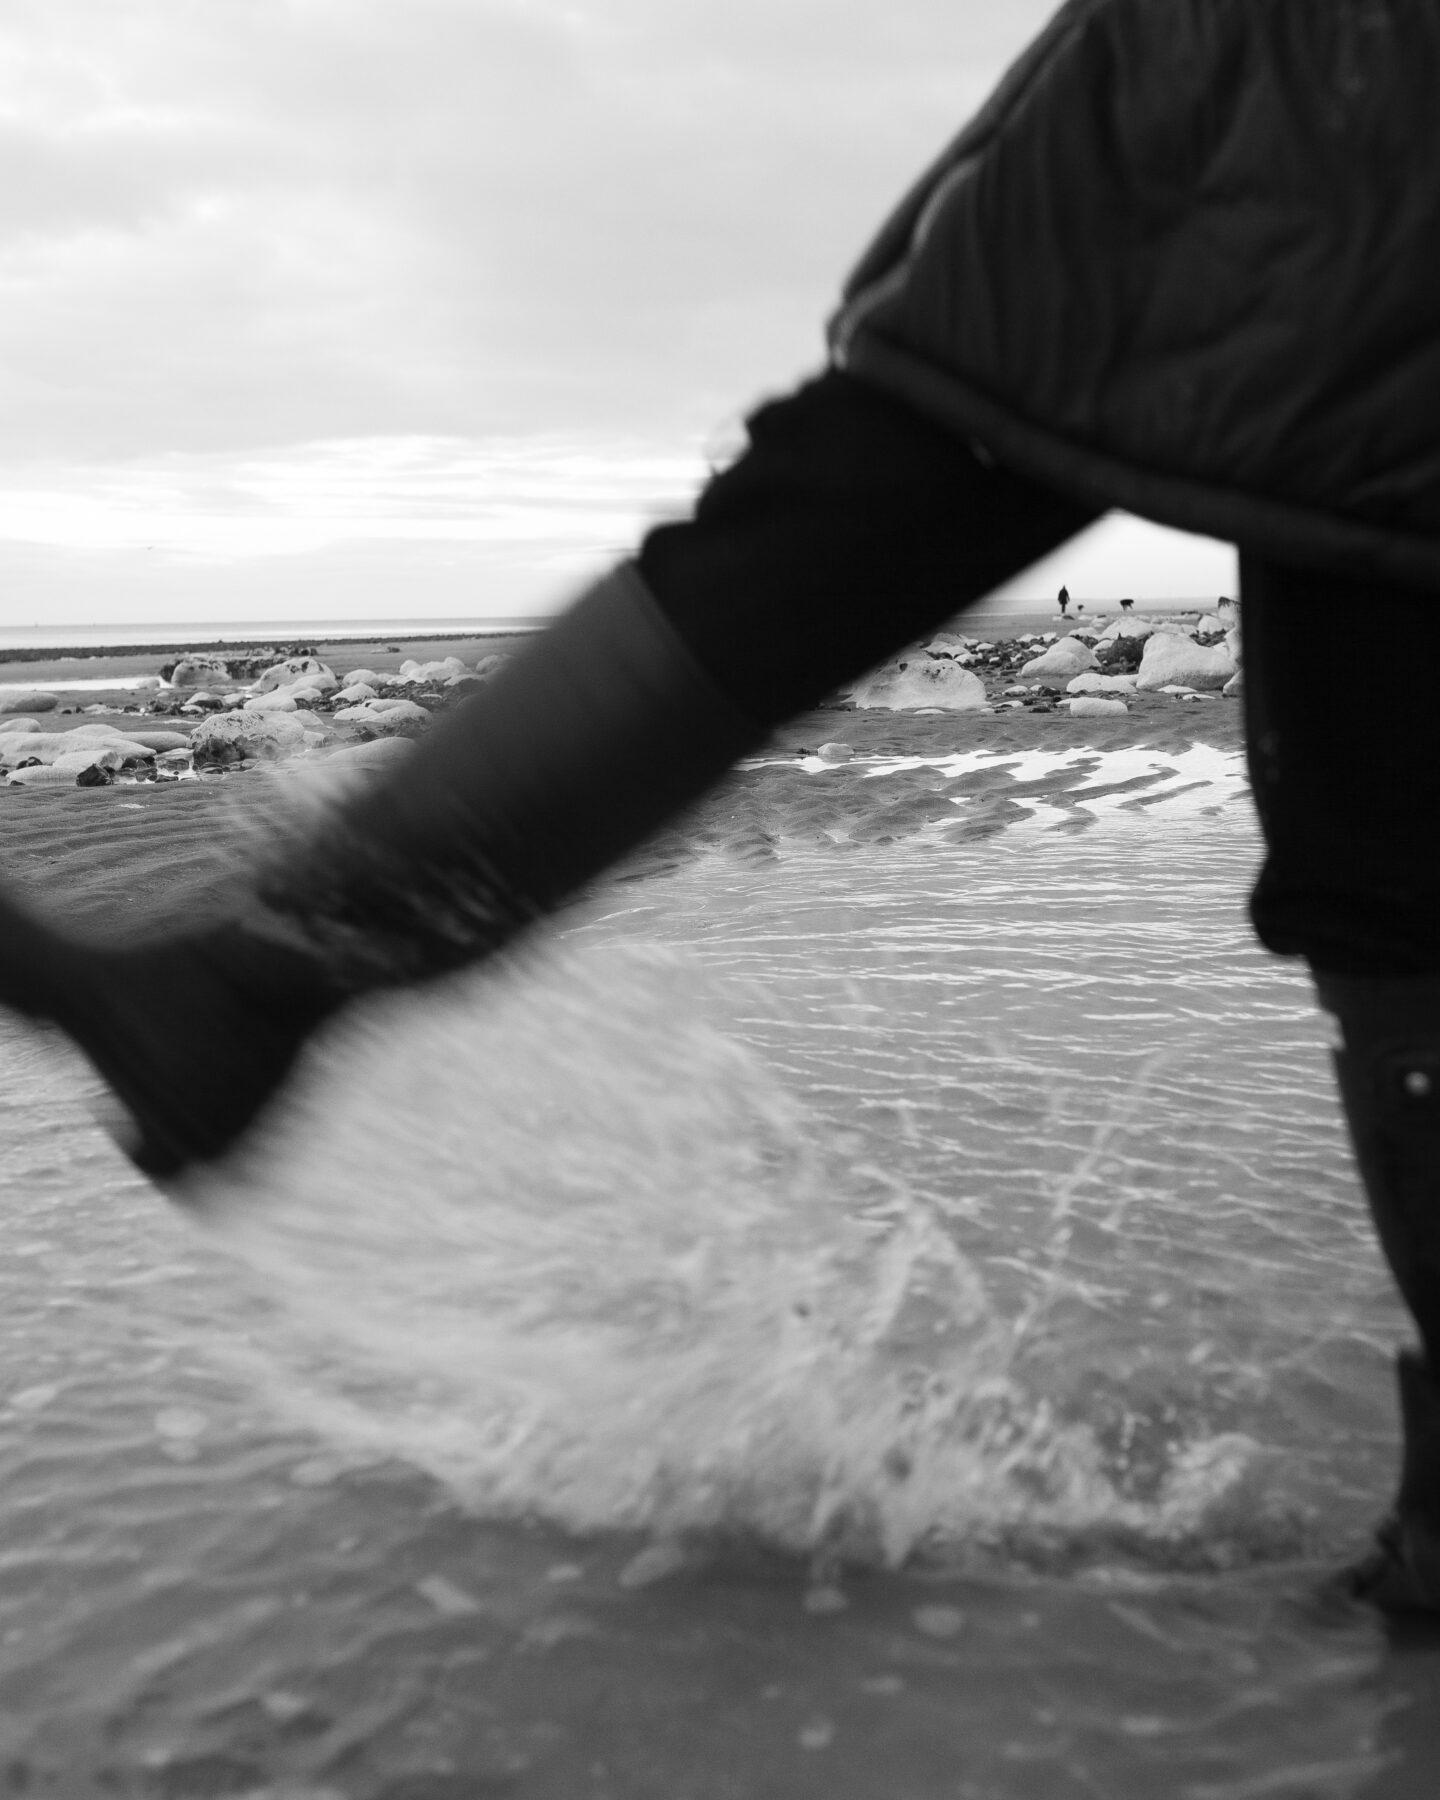 Splashing_In_Puddles